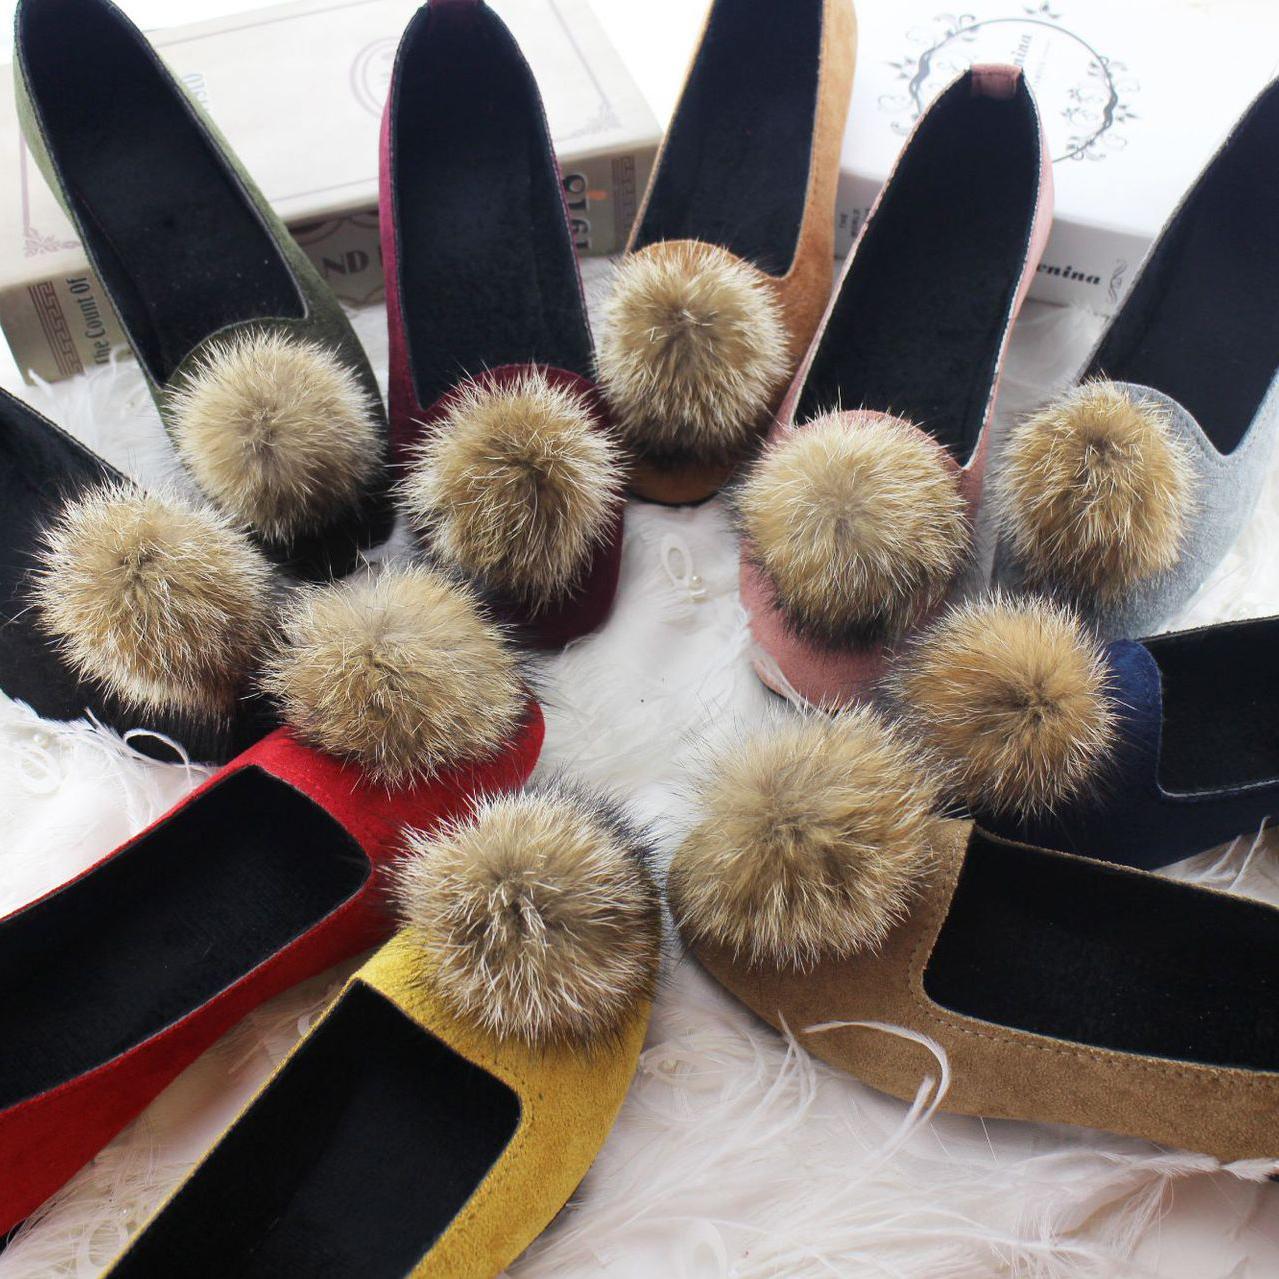 Sonbahar Kış Kadın Tekne Ayakkabı Peluş Düz Ayakkabı Üzerinde Kayma Siyah Loafer'lar Sıcak Top Kürk Bot Ayakkabı Artı Boyutu 35-42 Flats Kadın